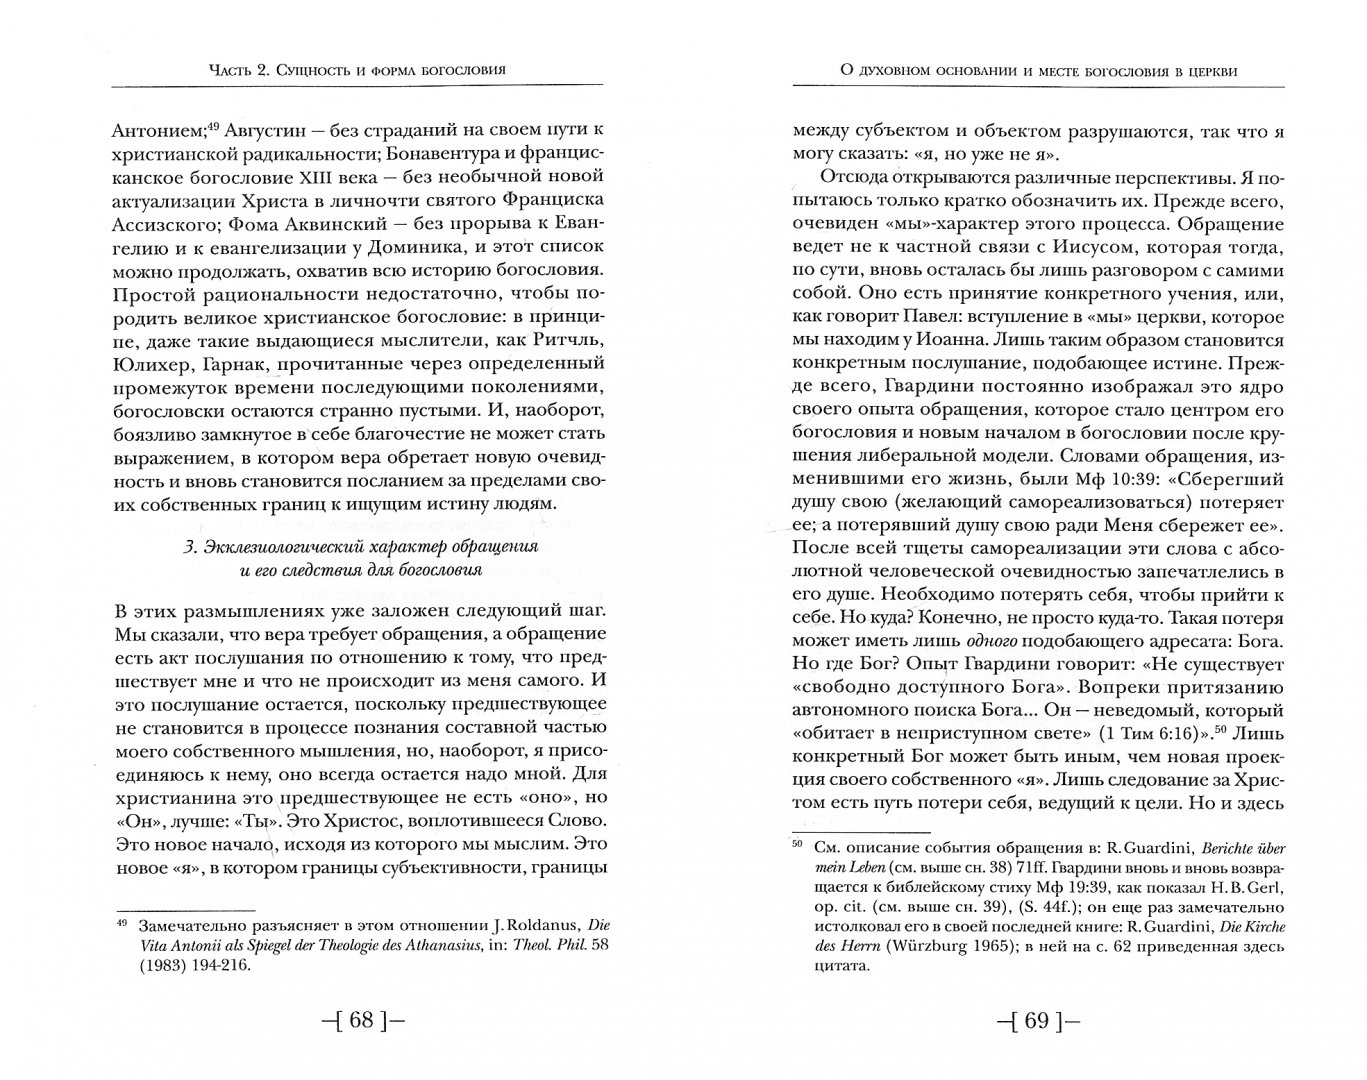 Иллюстрация 1 из 6 для Сущность и задачи богословия: Попытки определения в диспуте современности - Ратцингер Йозеф (Бенедикт XVI) | Лабиринт - книги. Источник: Лабиринт